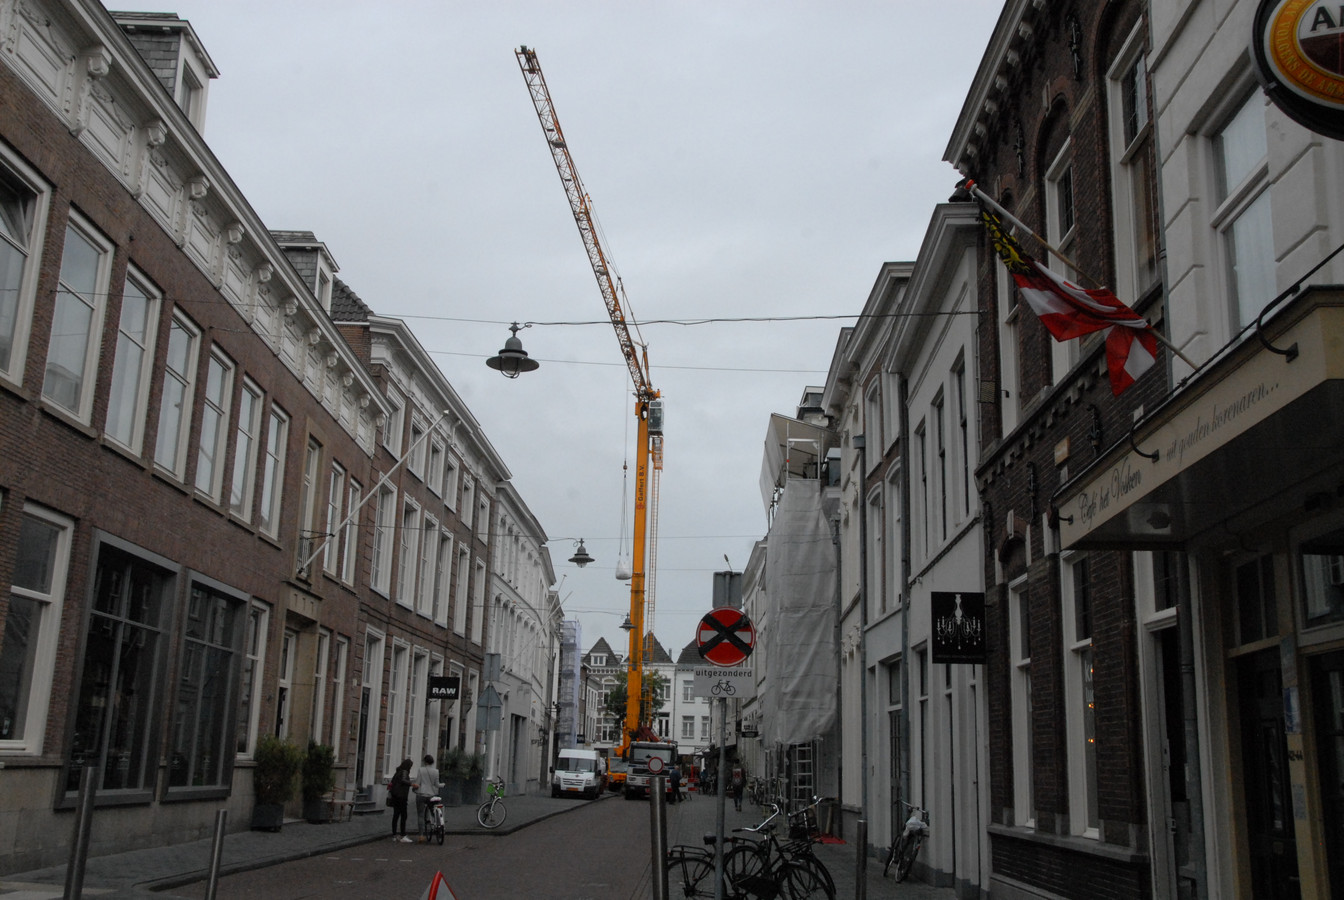 Het gebeurt niet vaak dat midden in de Verwersstraat een grote hijskraan staat opgesteld. Naar verwachting wordt de straat nog vóór het eind van de middag weer vrijgegeven